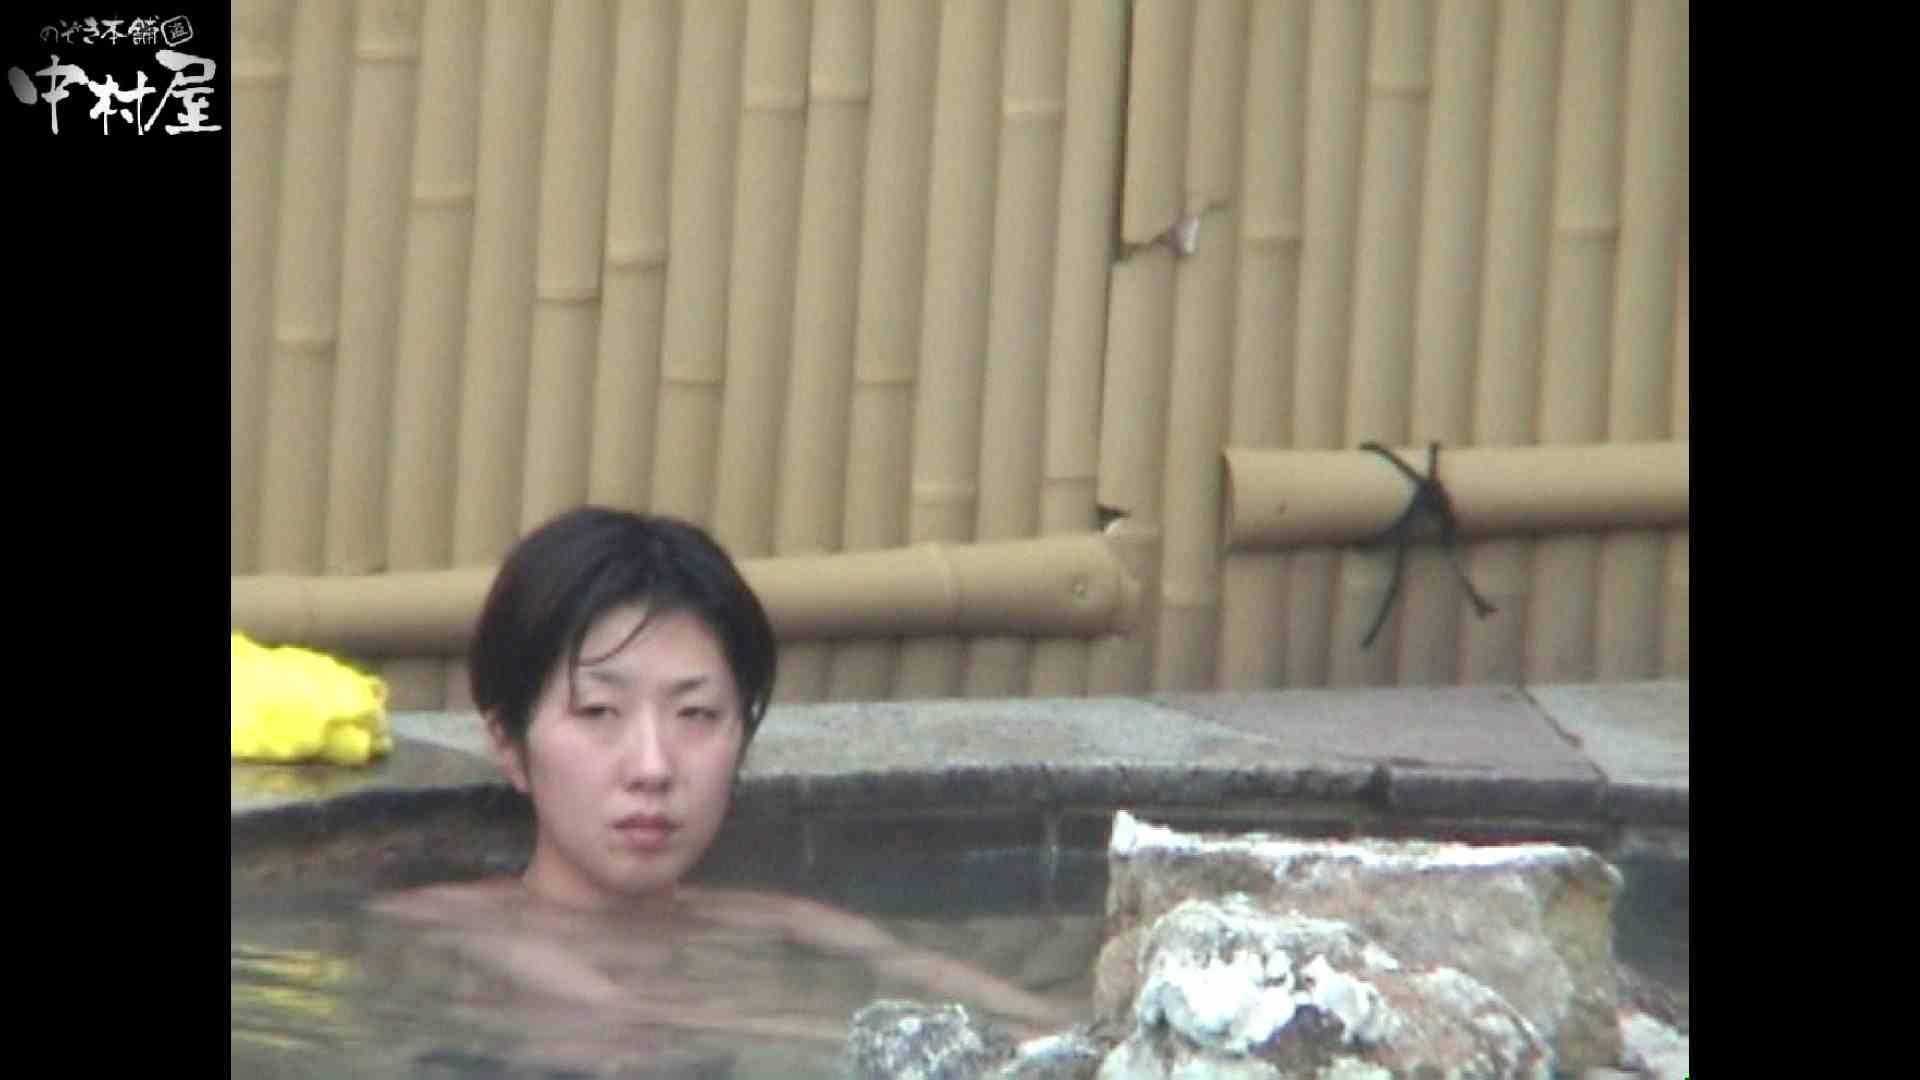 Aquaな露天風呂Vol.921 盗撮特集 | 露天  93画像 56